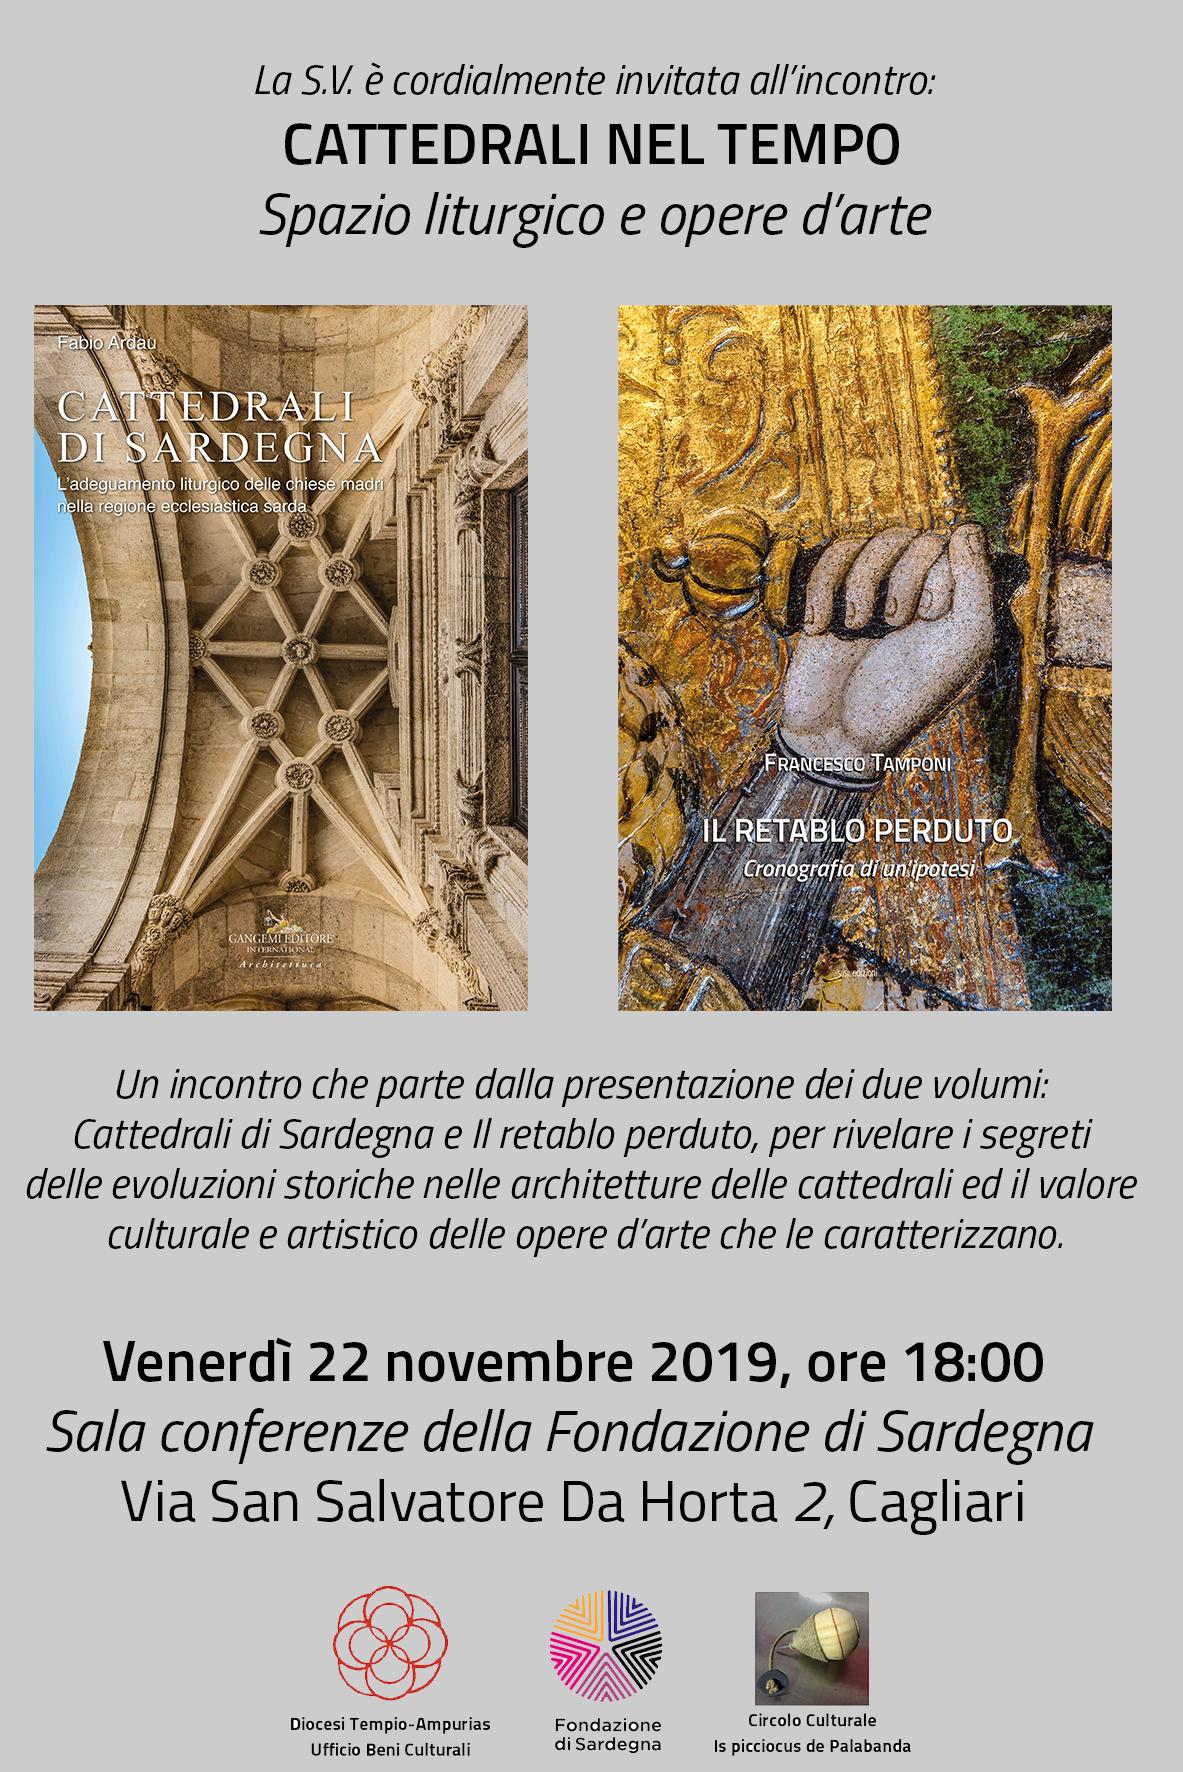 2019-11-22-cattedrali-nel-tempo-invito